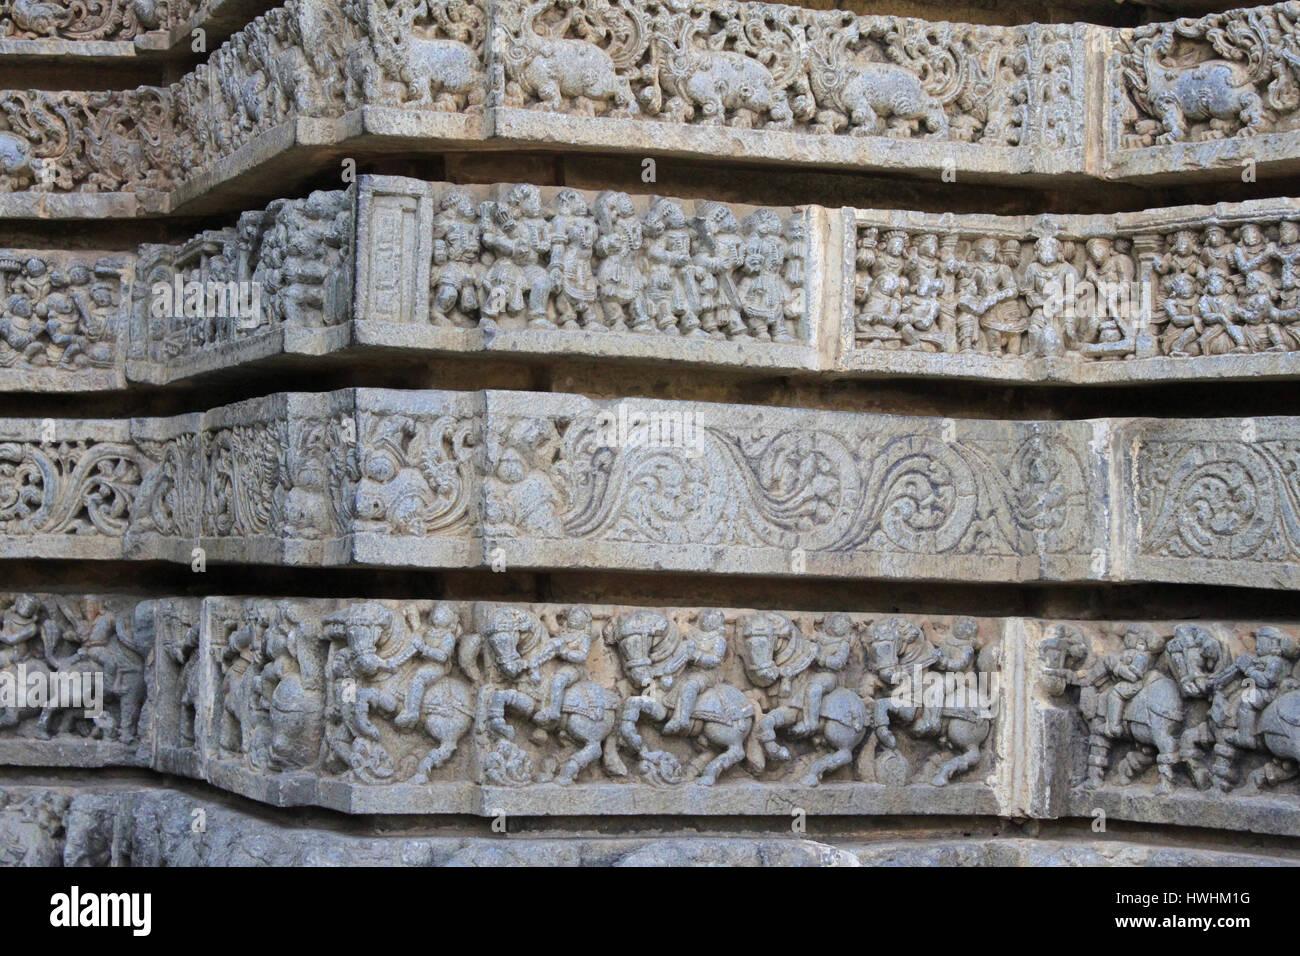 Panel of Hindu deities in frieze and their attendants. Chennakesava Temple, Hoysala Architecture, Somanathpur, Karnataka, - Stock Image